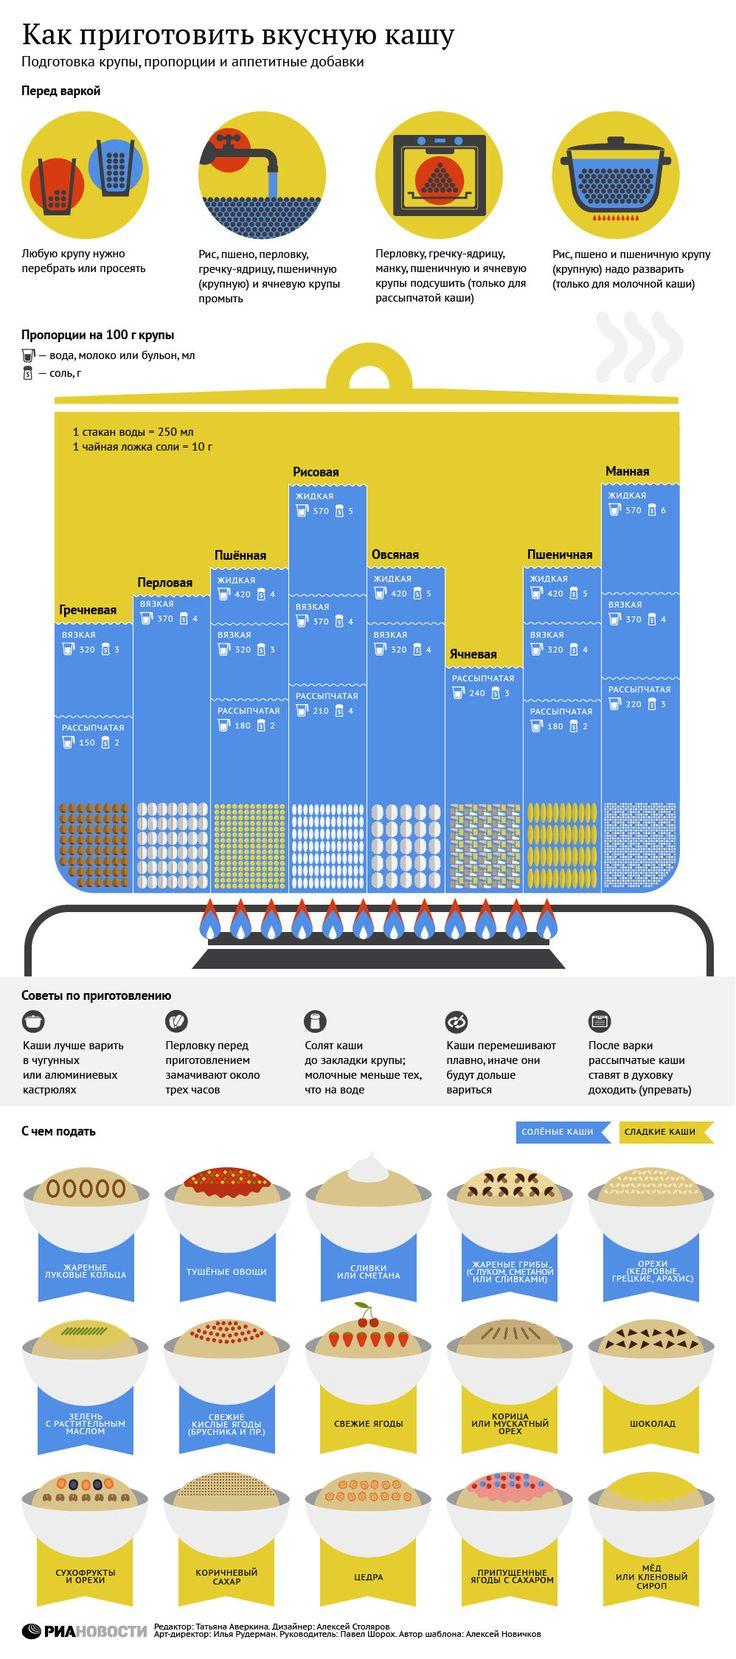 Инфографика о приготовлении вкусной каши.  #edimdoma #infographics #cookery